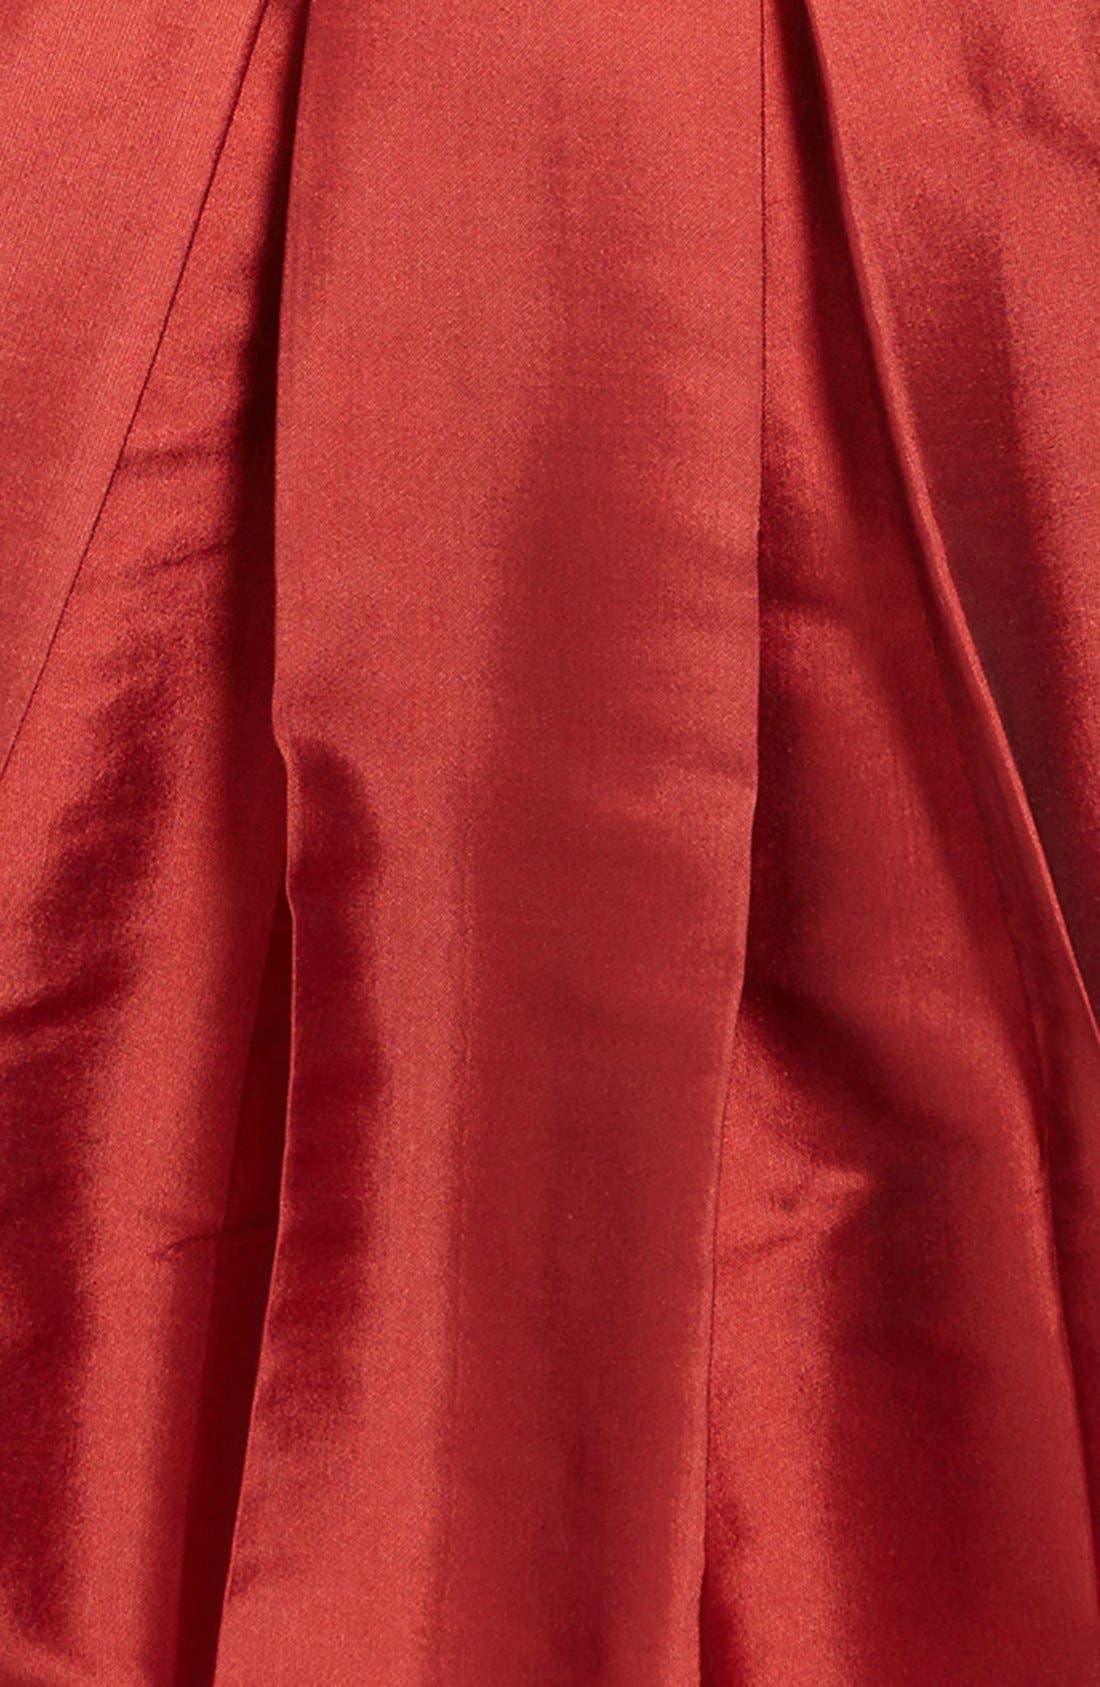 Cap Sleeve Taffeta Dress,                             Alternate thumbnail 3, color,                             600